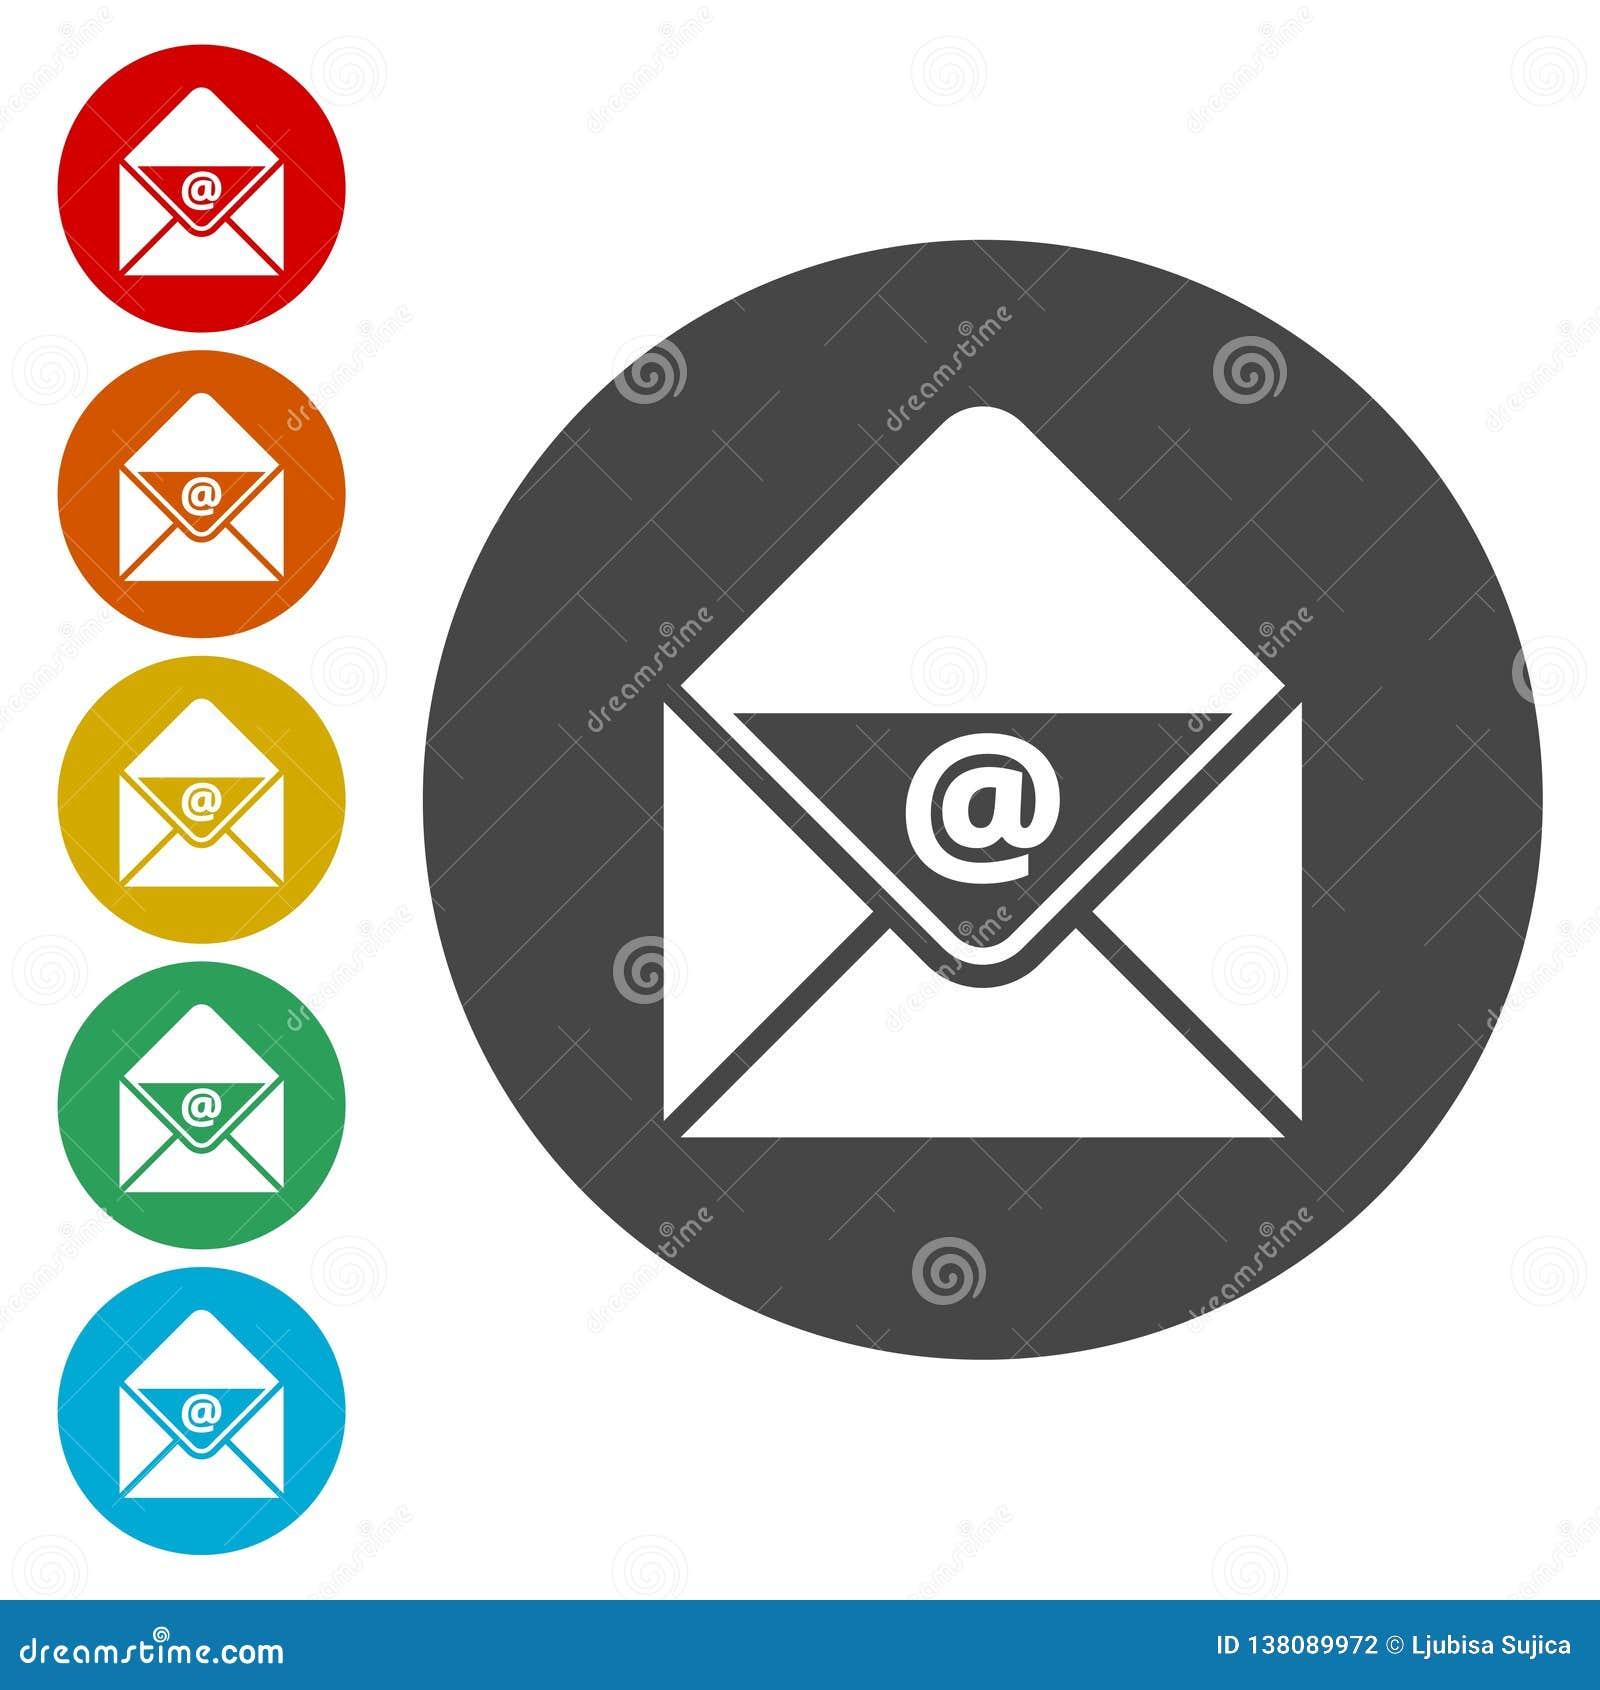 Διανυσματικό εικονίδιο ηλεκτρονικού ταχυδρομείου, εικονίδιο ηλεκτρονικού ταχυδρομείου